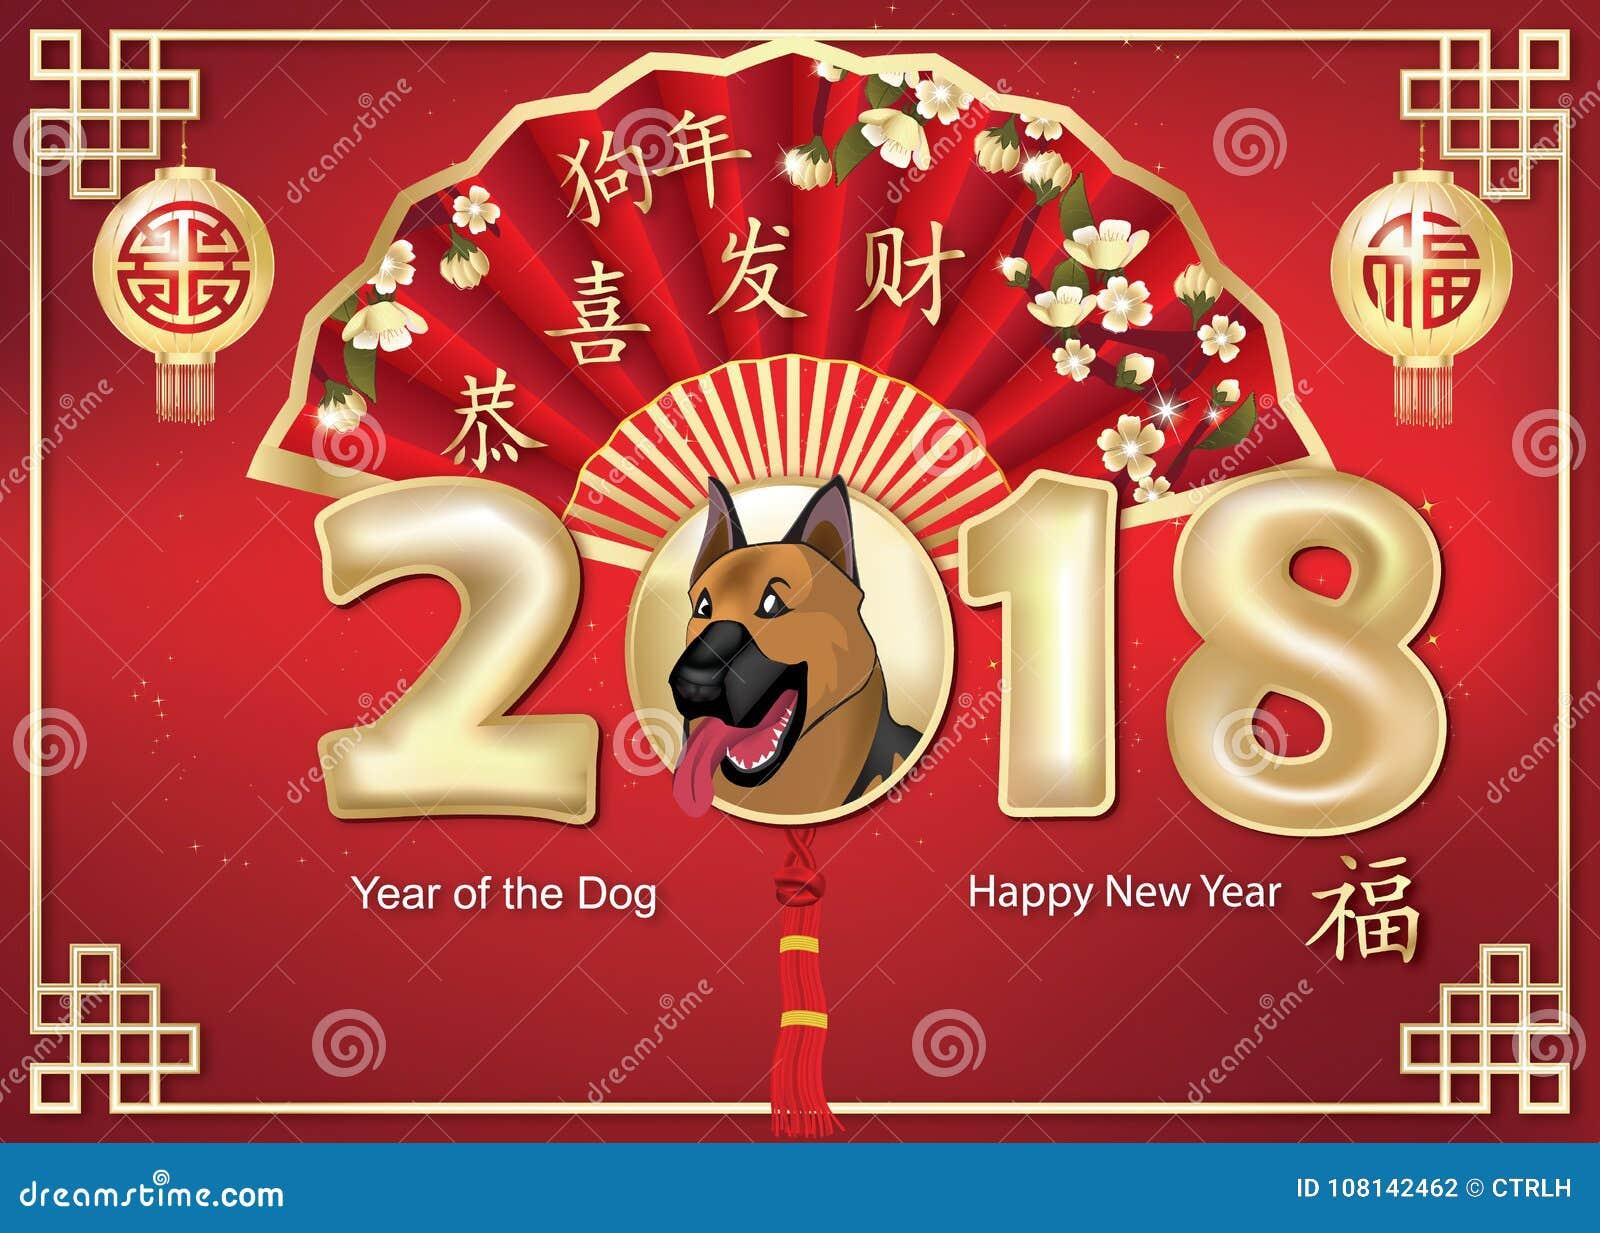 ¡Año Nuevo chino feliz del perro 2018! tarjeta de felicitación roja del estilo del sobre con el texto en chino e inglés